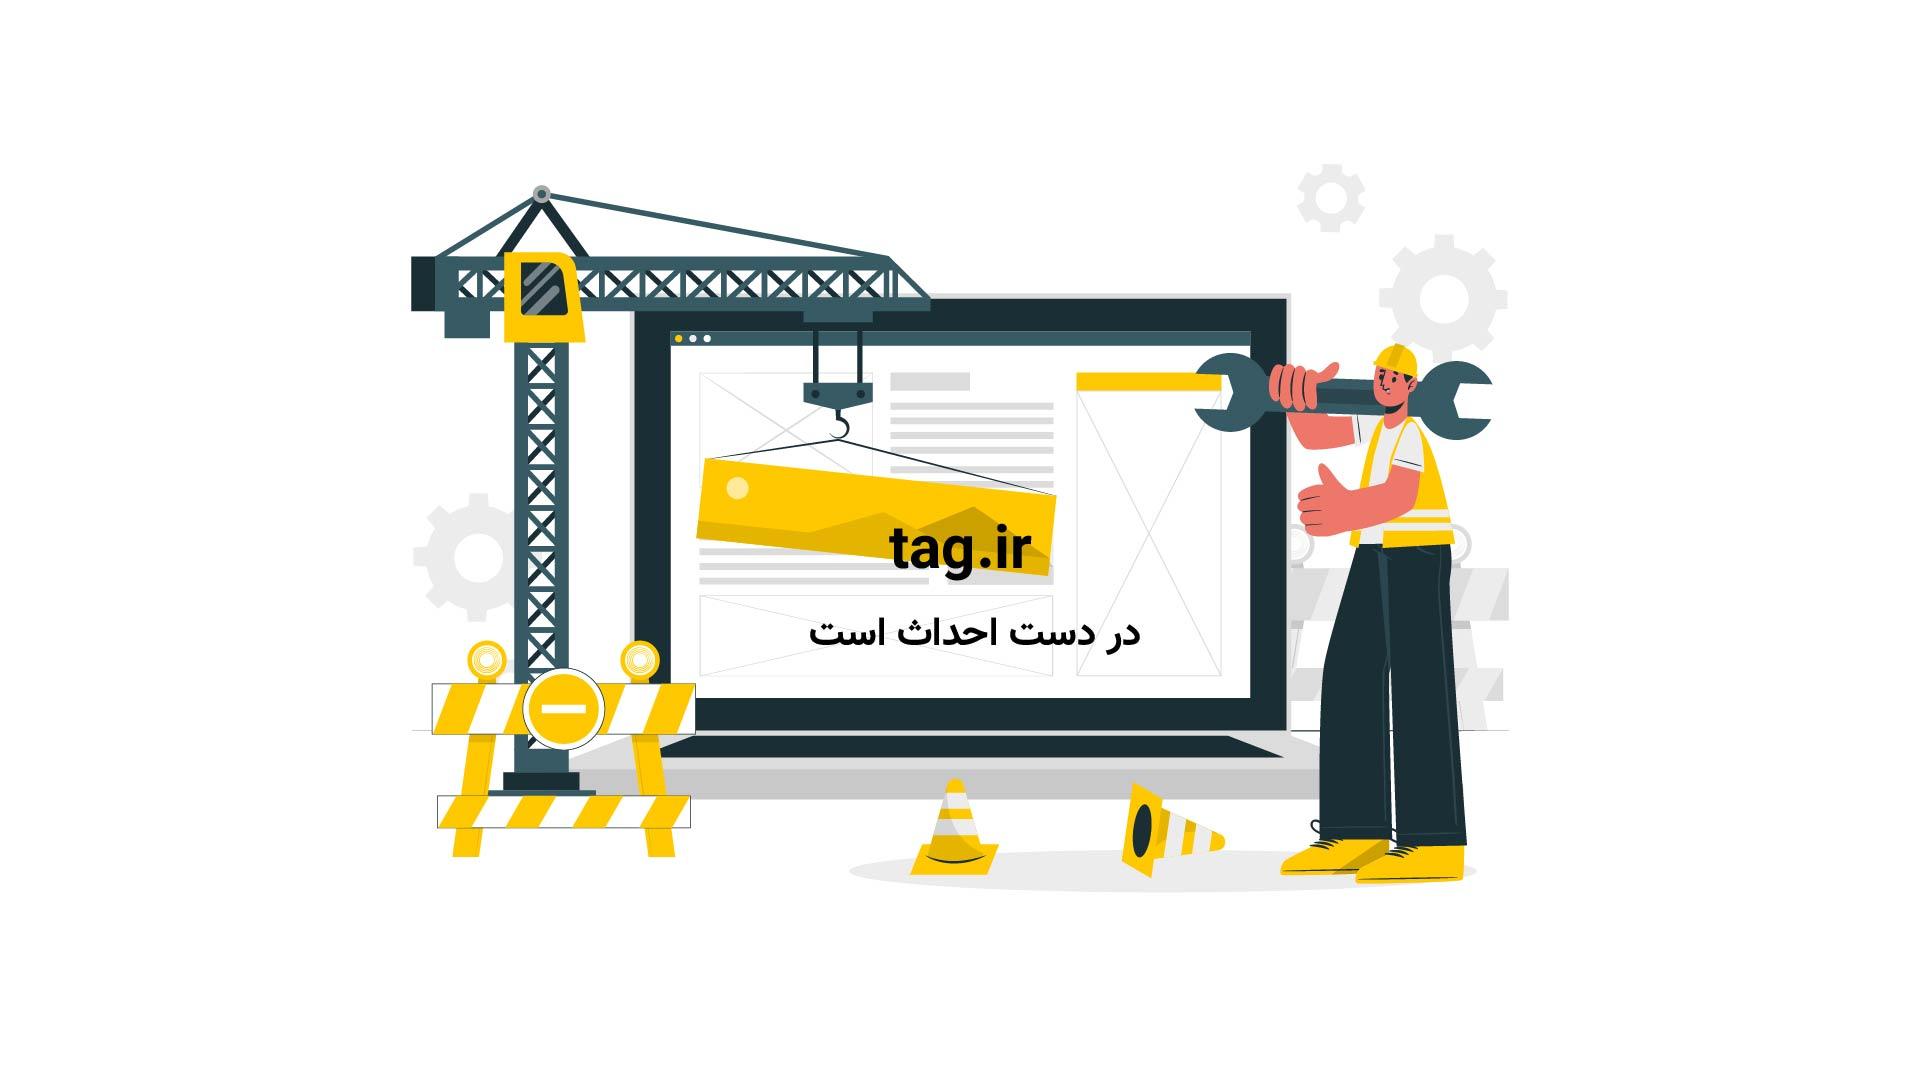 علی لاریجانی | تگ